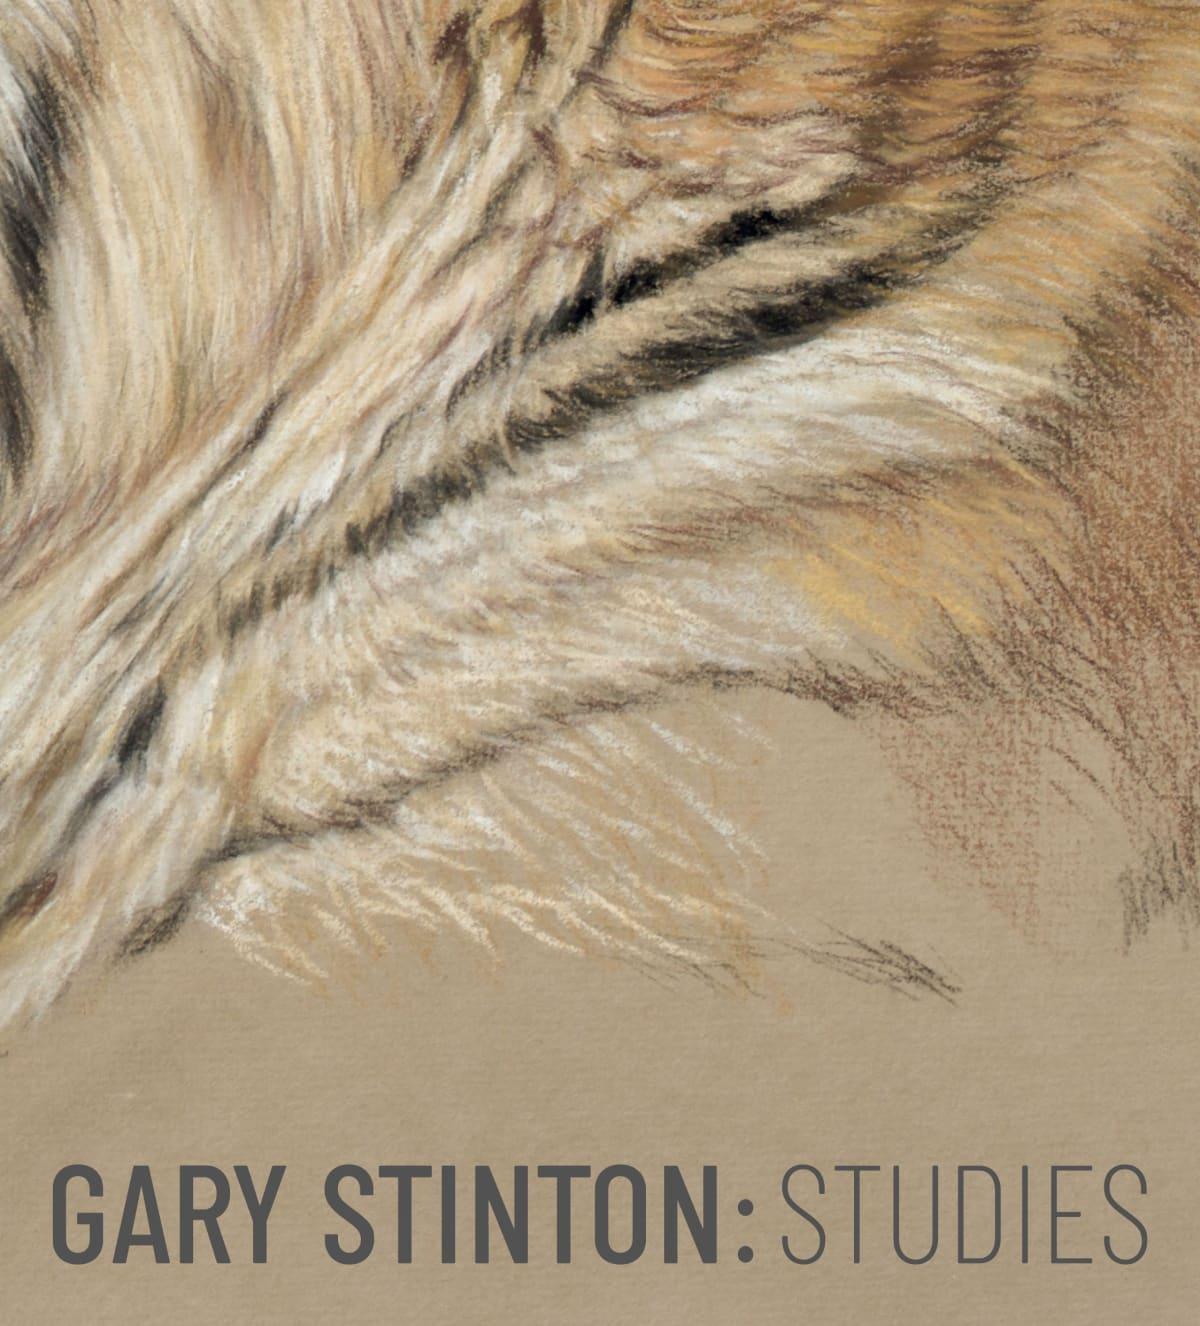 Gary Stinton: Studies